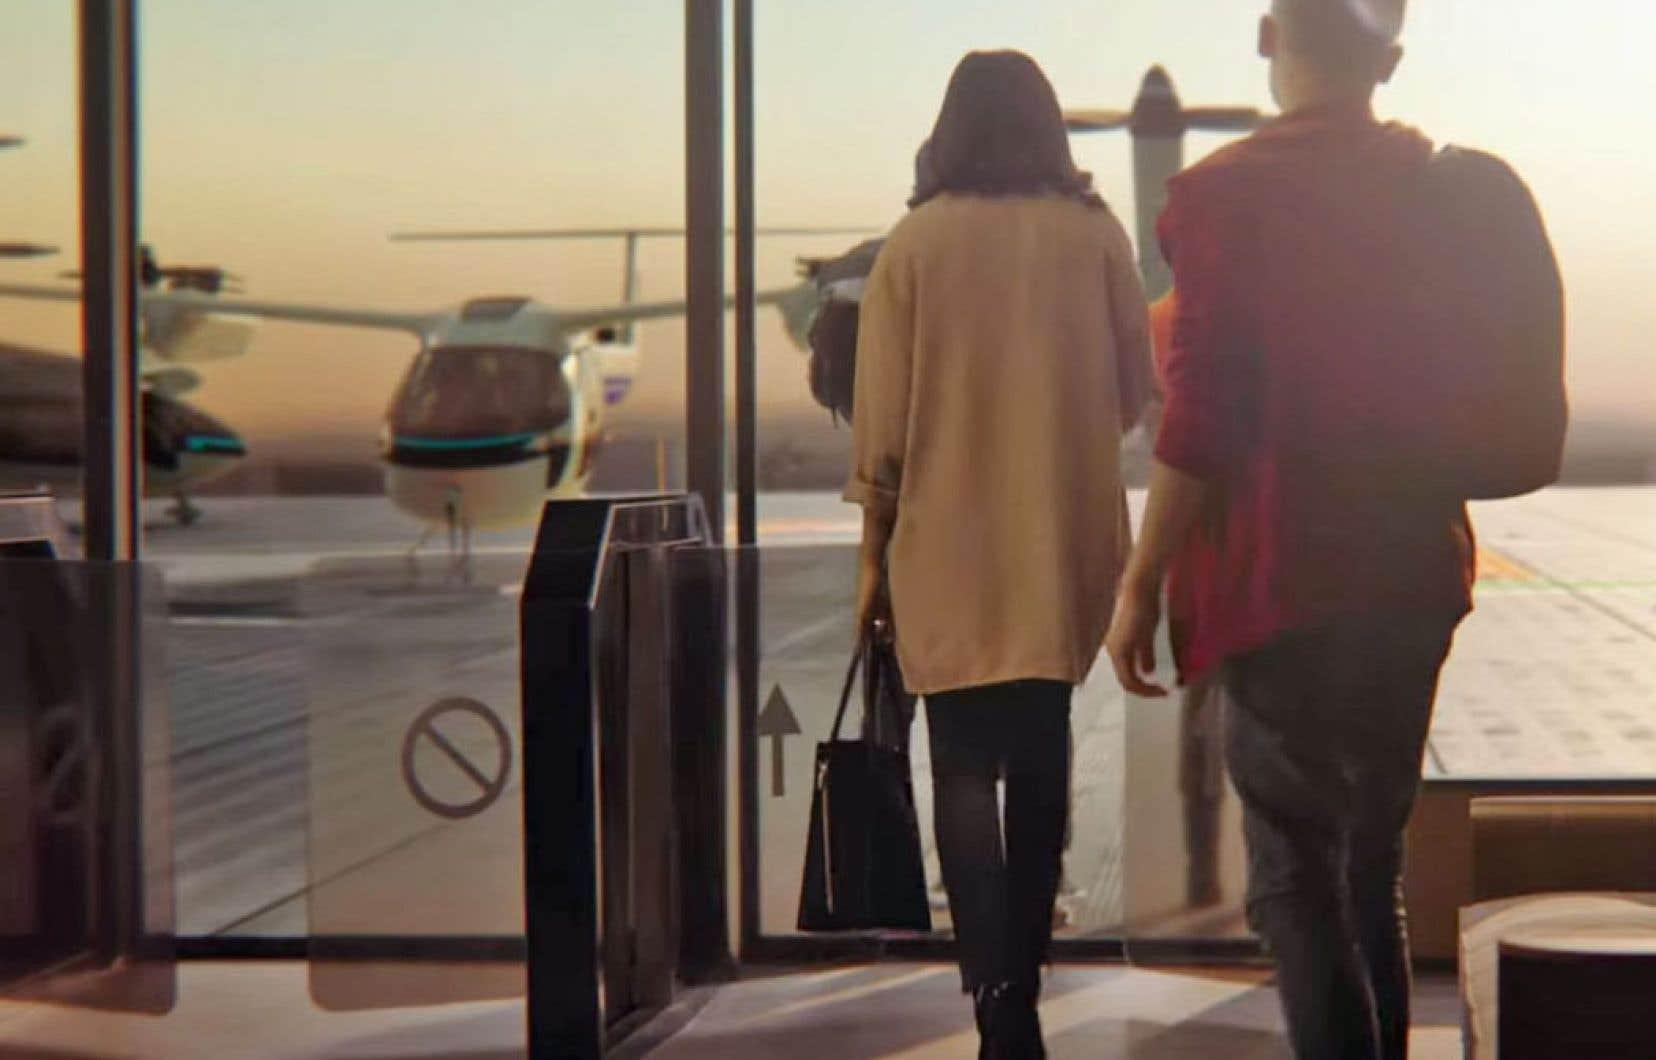 Dans une vidéo présentant le projet d'Uber, Elevate, on voit des gens se rendre au 17eétage d'un immeuble du centre-ville pour prendre place à bord d'un appareil se situant à mi-chemin entre l'avion et l'hélicoptère.